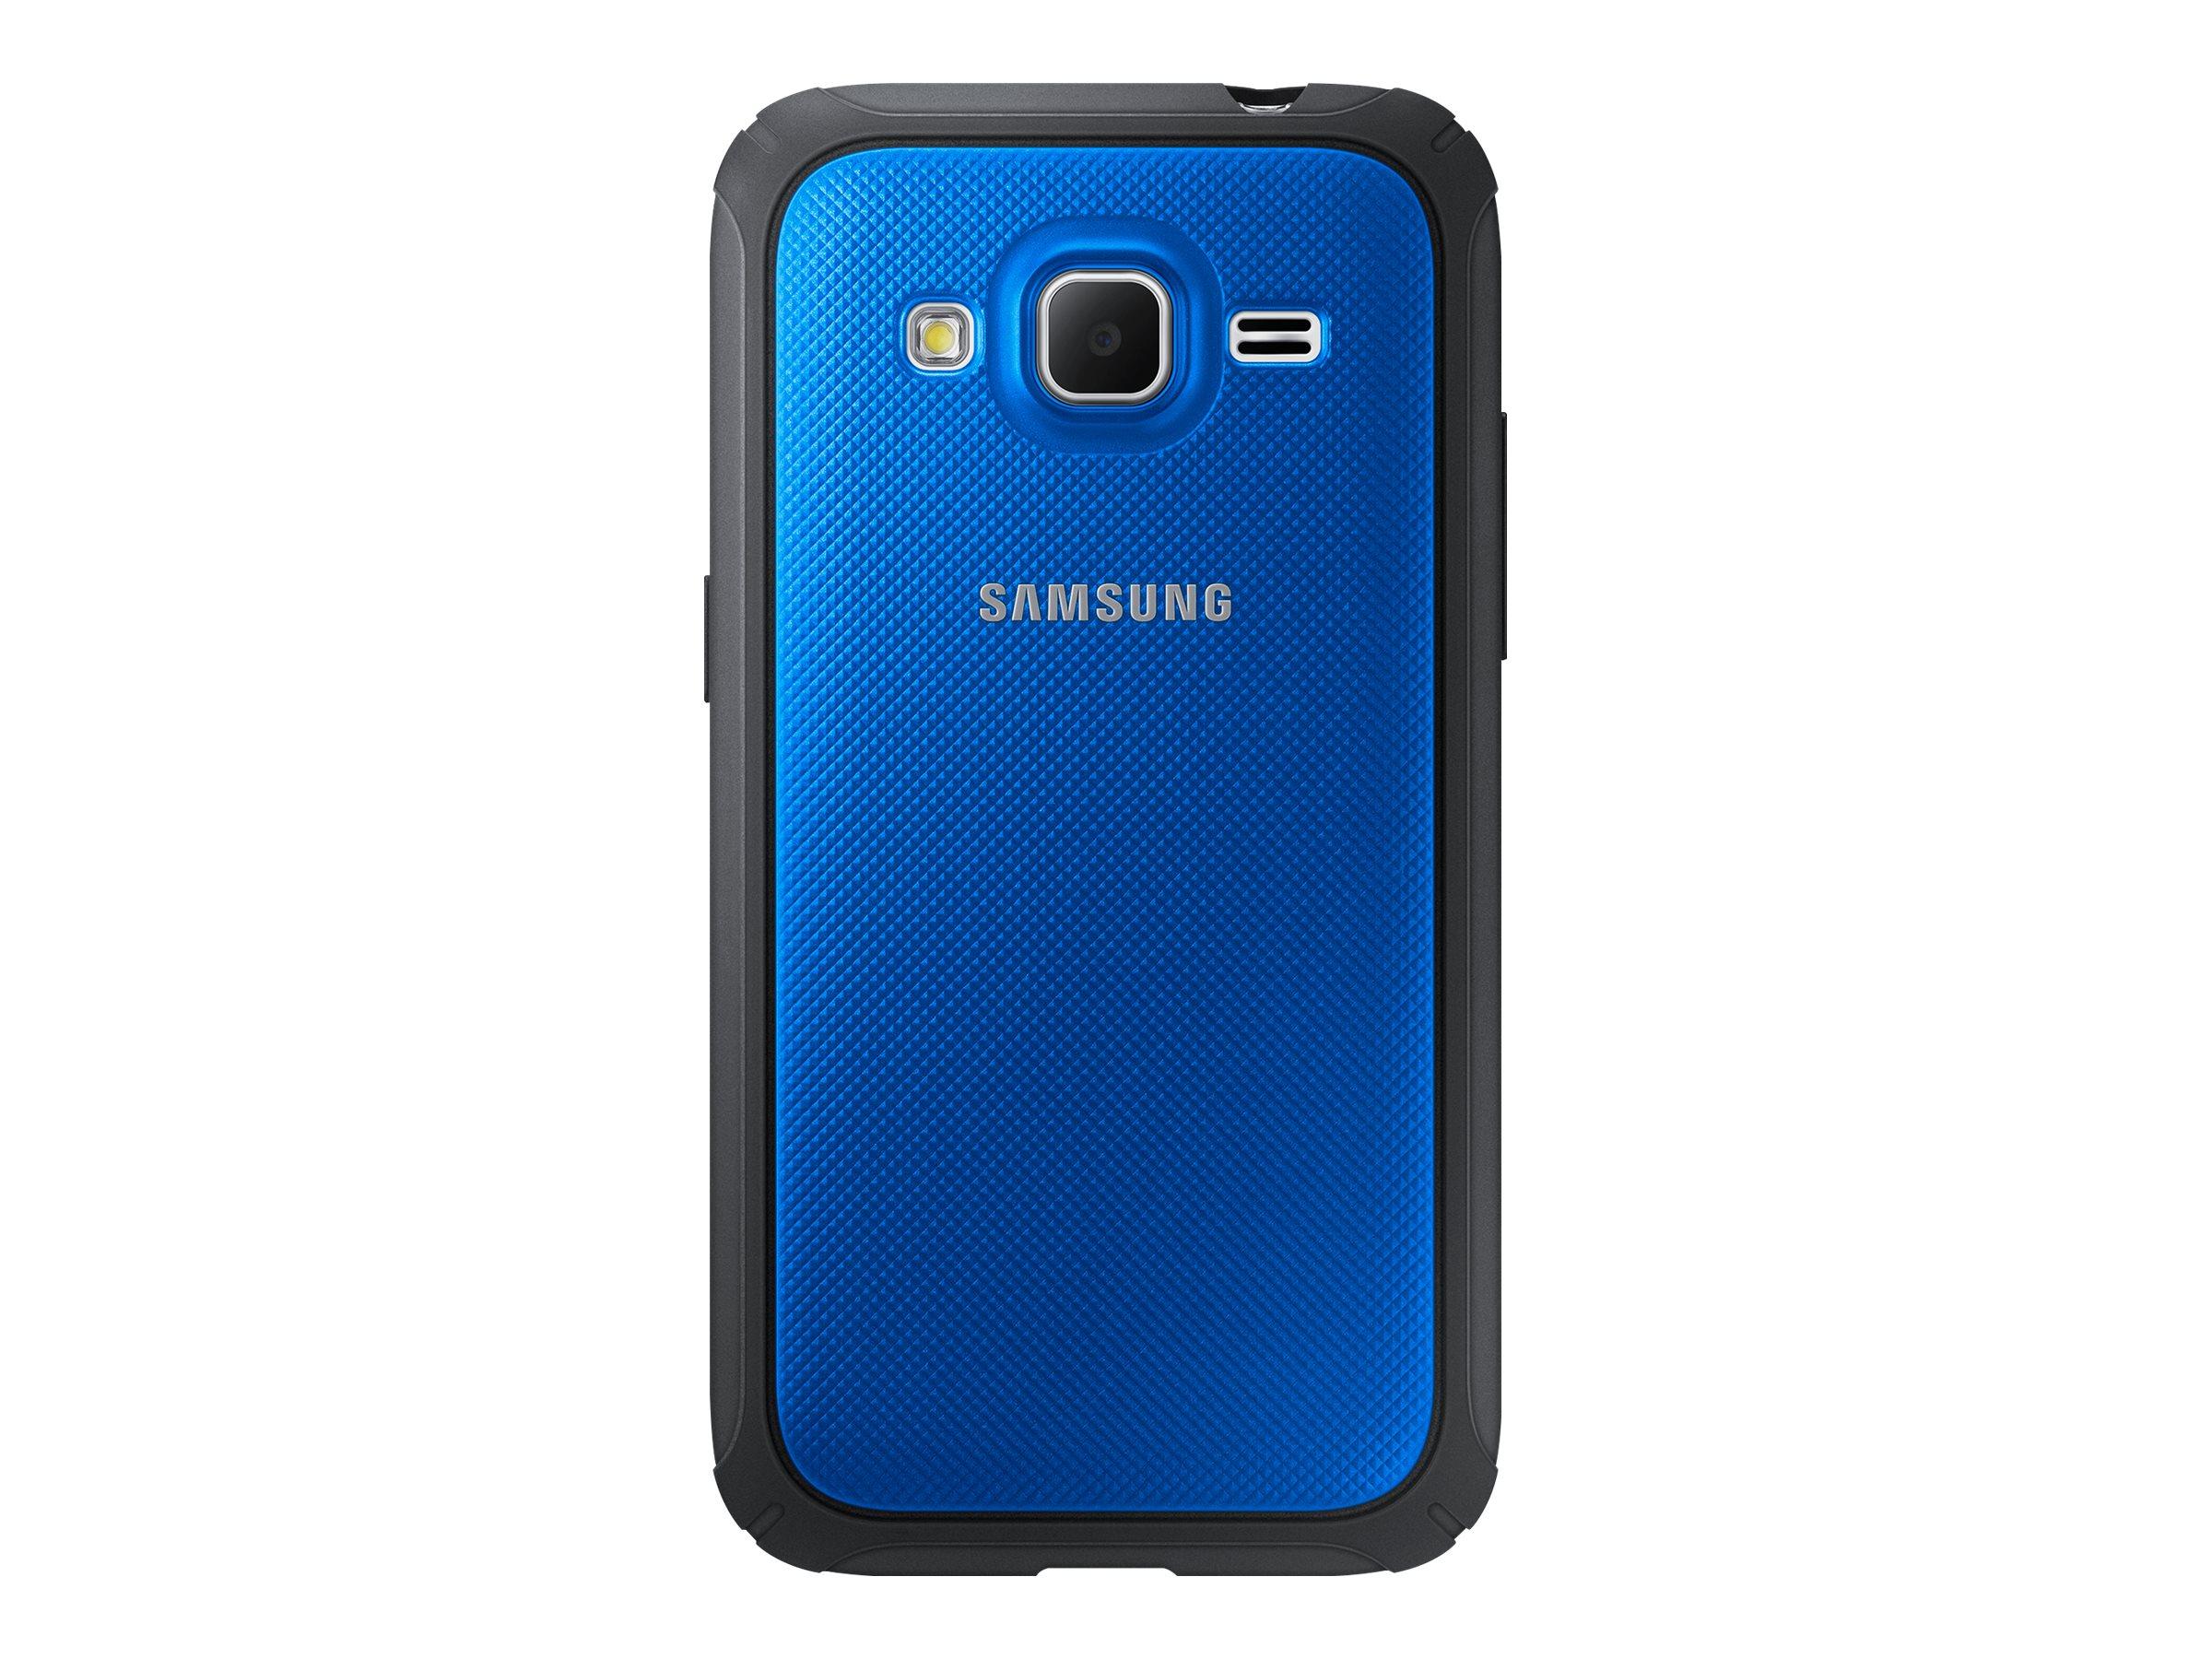 Samsung EF-PG360B coque de protection pour téléphone portable